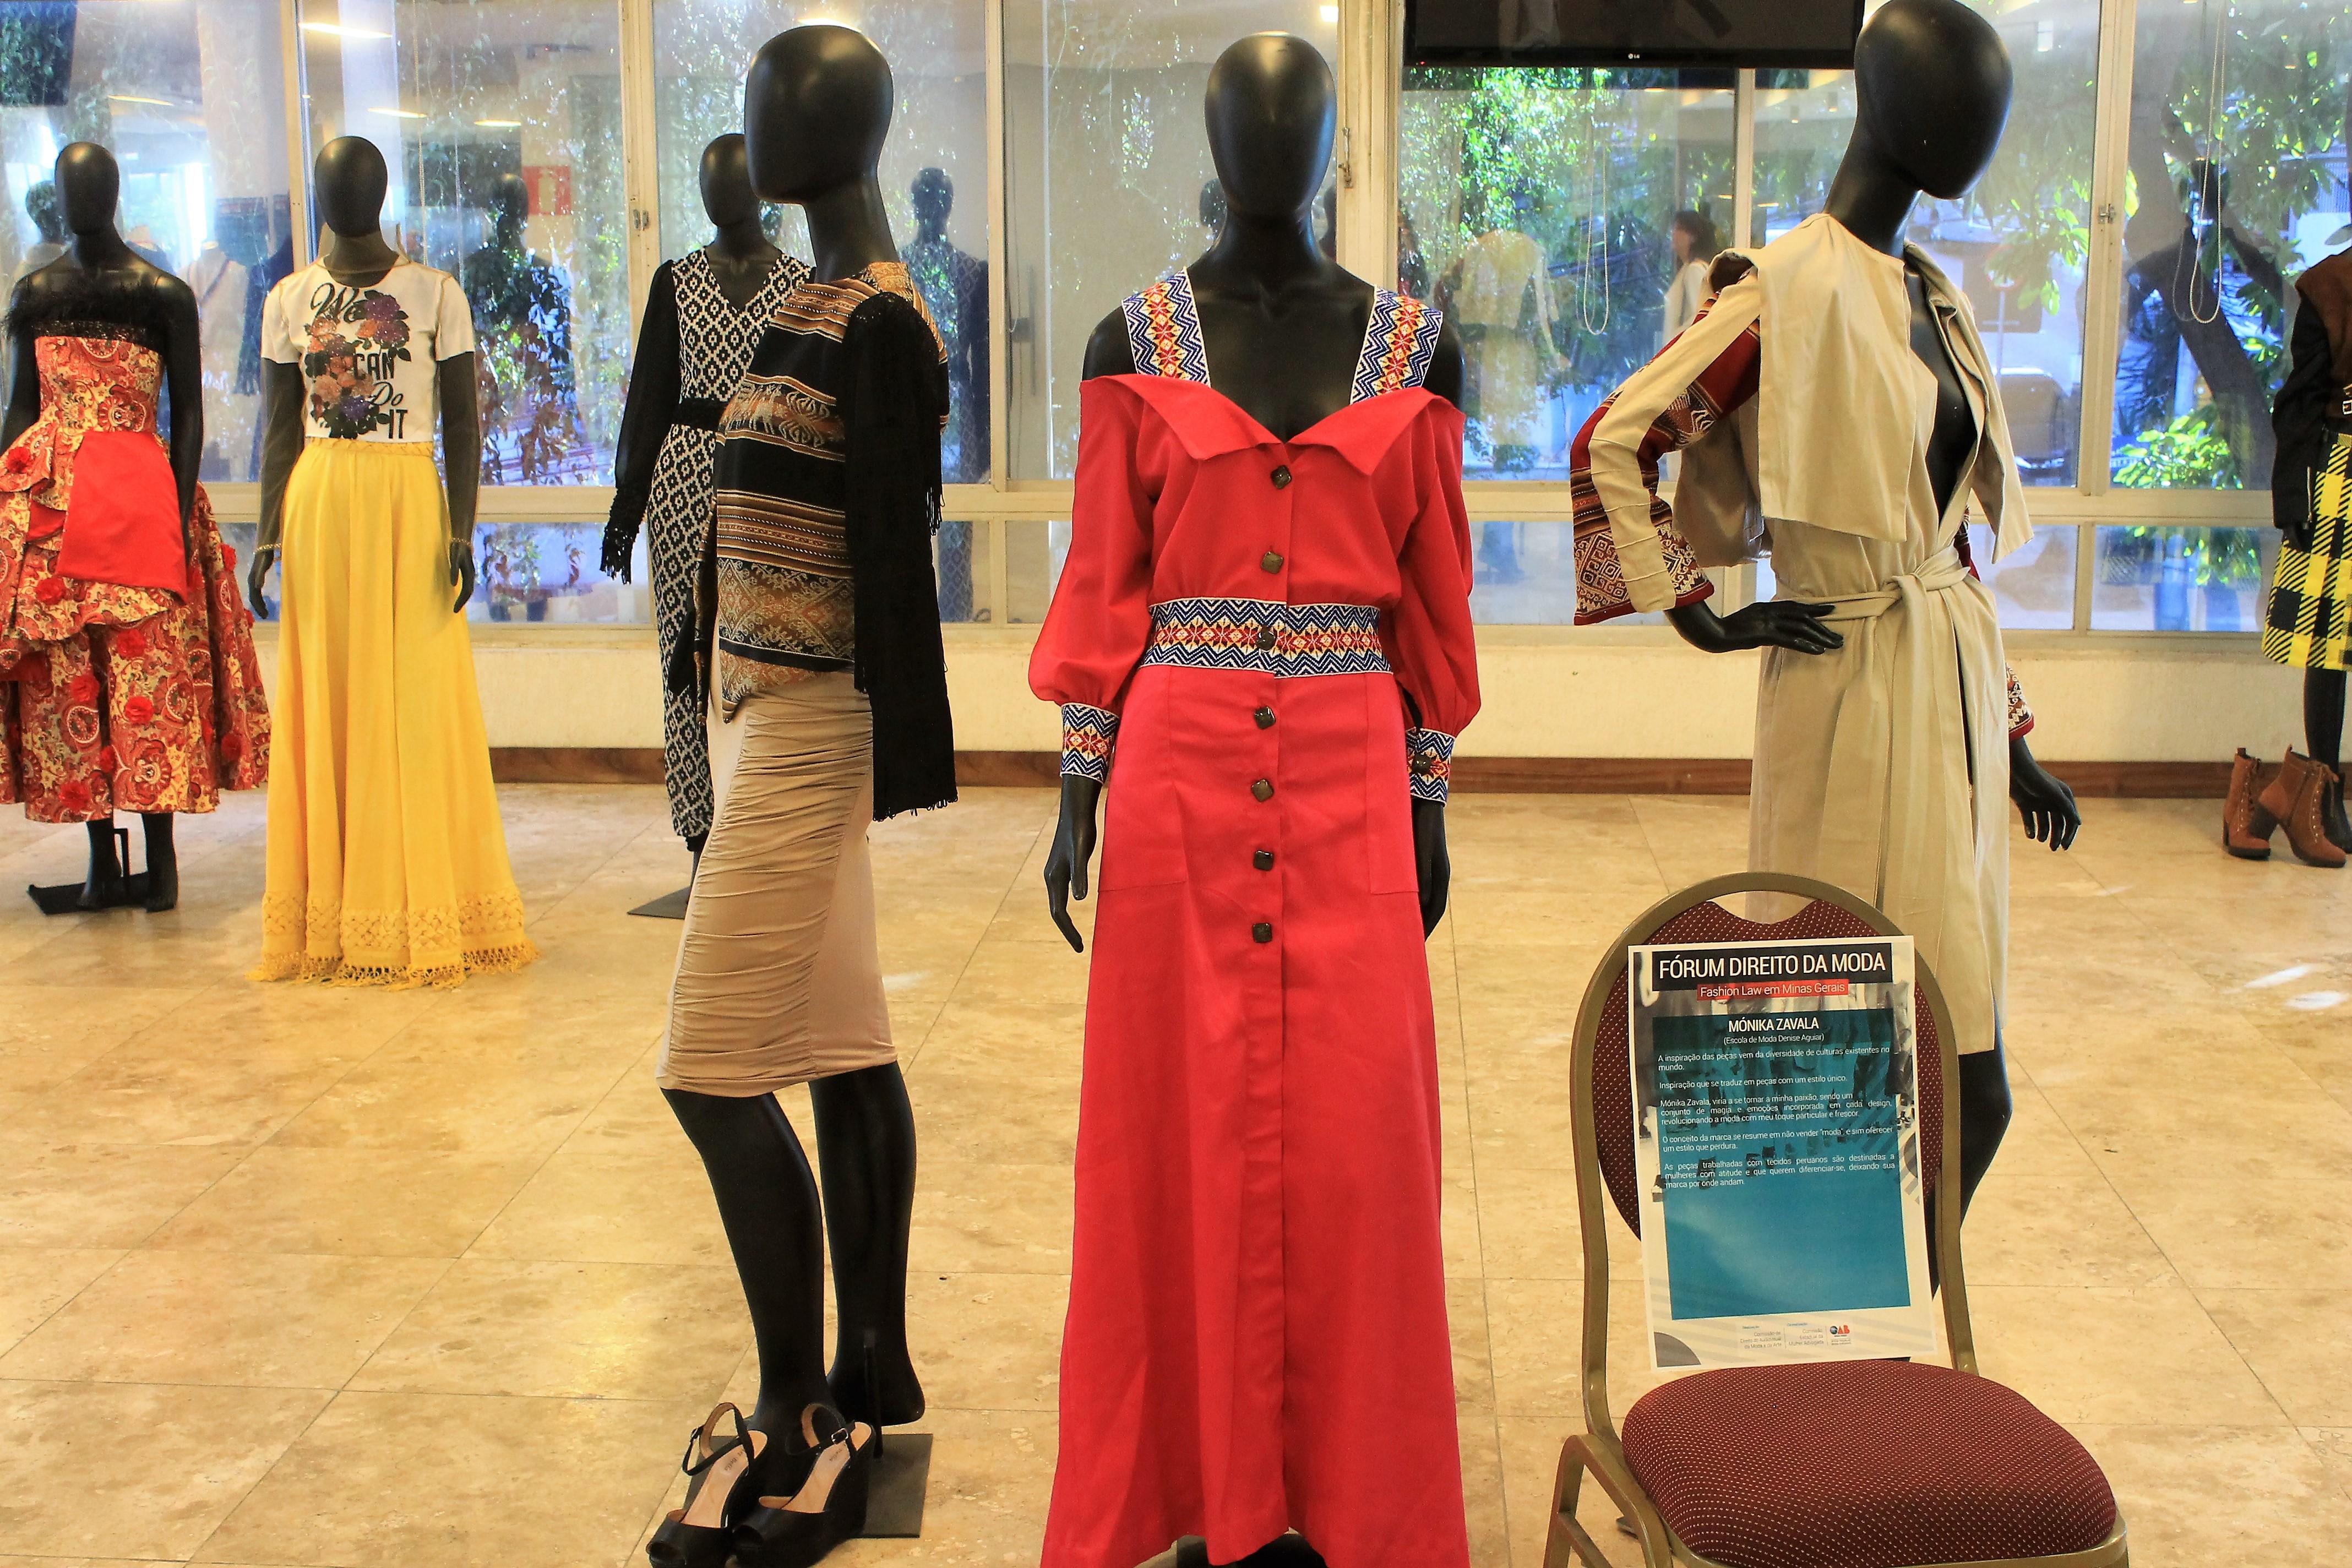 Fórum Direito da Moda (11)